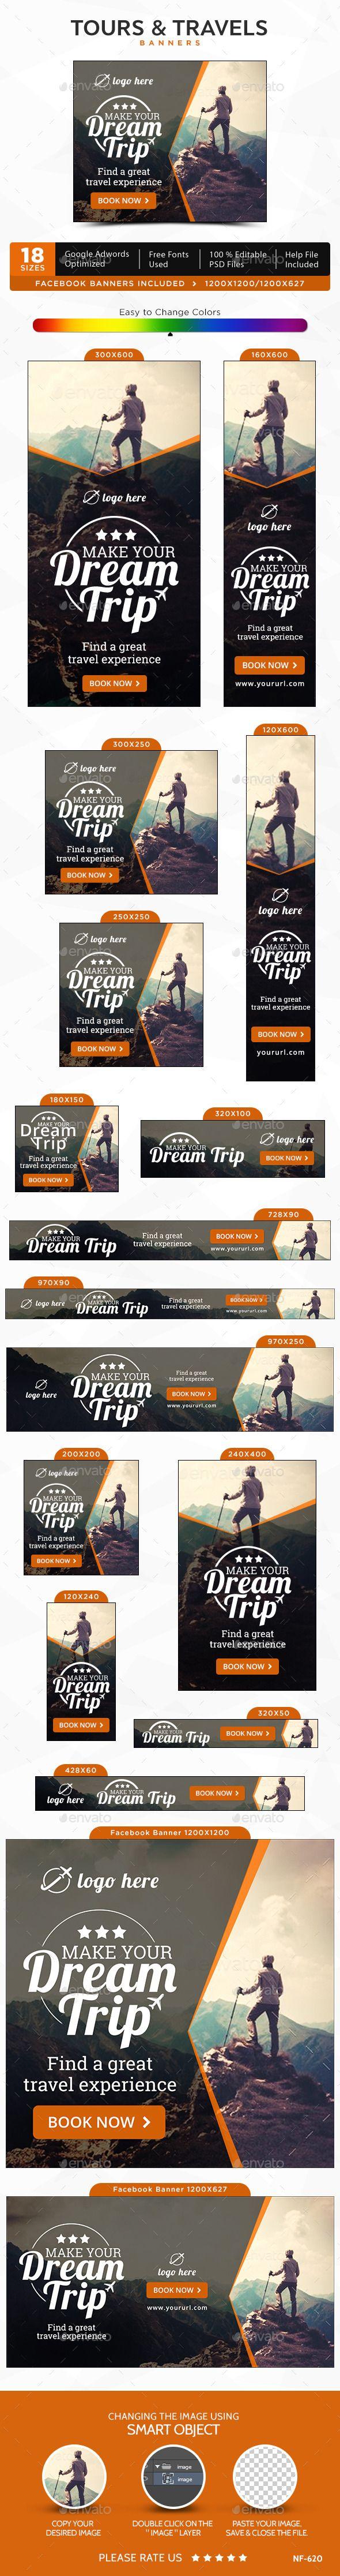 Туры и Путешествия, дизайн баннера для рекламы вашего туристического агенства #макет #реклама Скачать: http://graphicriver.net/item/tours-travels-banners/12800665?ref=ksioks